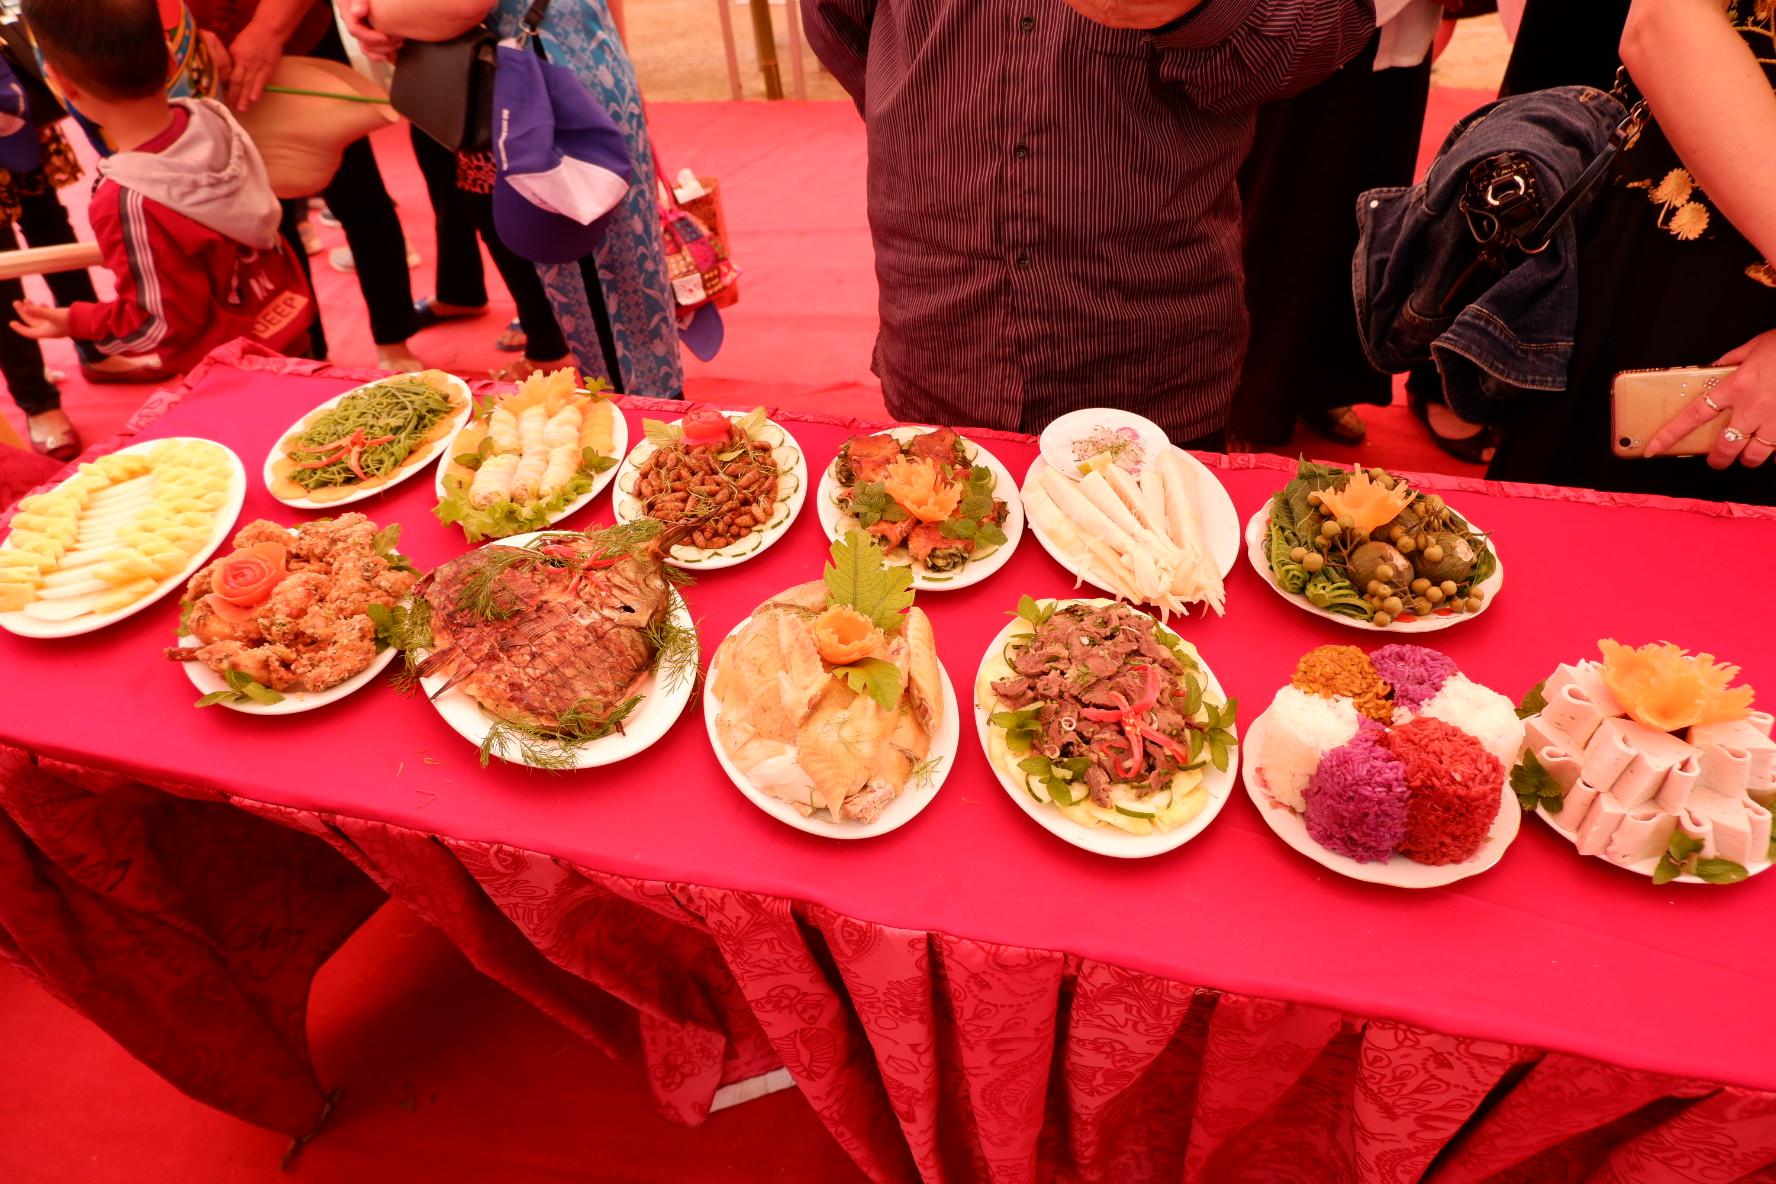 Các món ăn cầu kỳ ngon miệng mang đậm nét văn hóa của người Thái